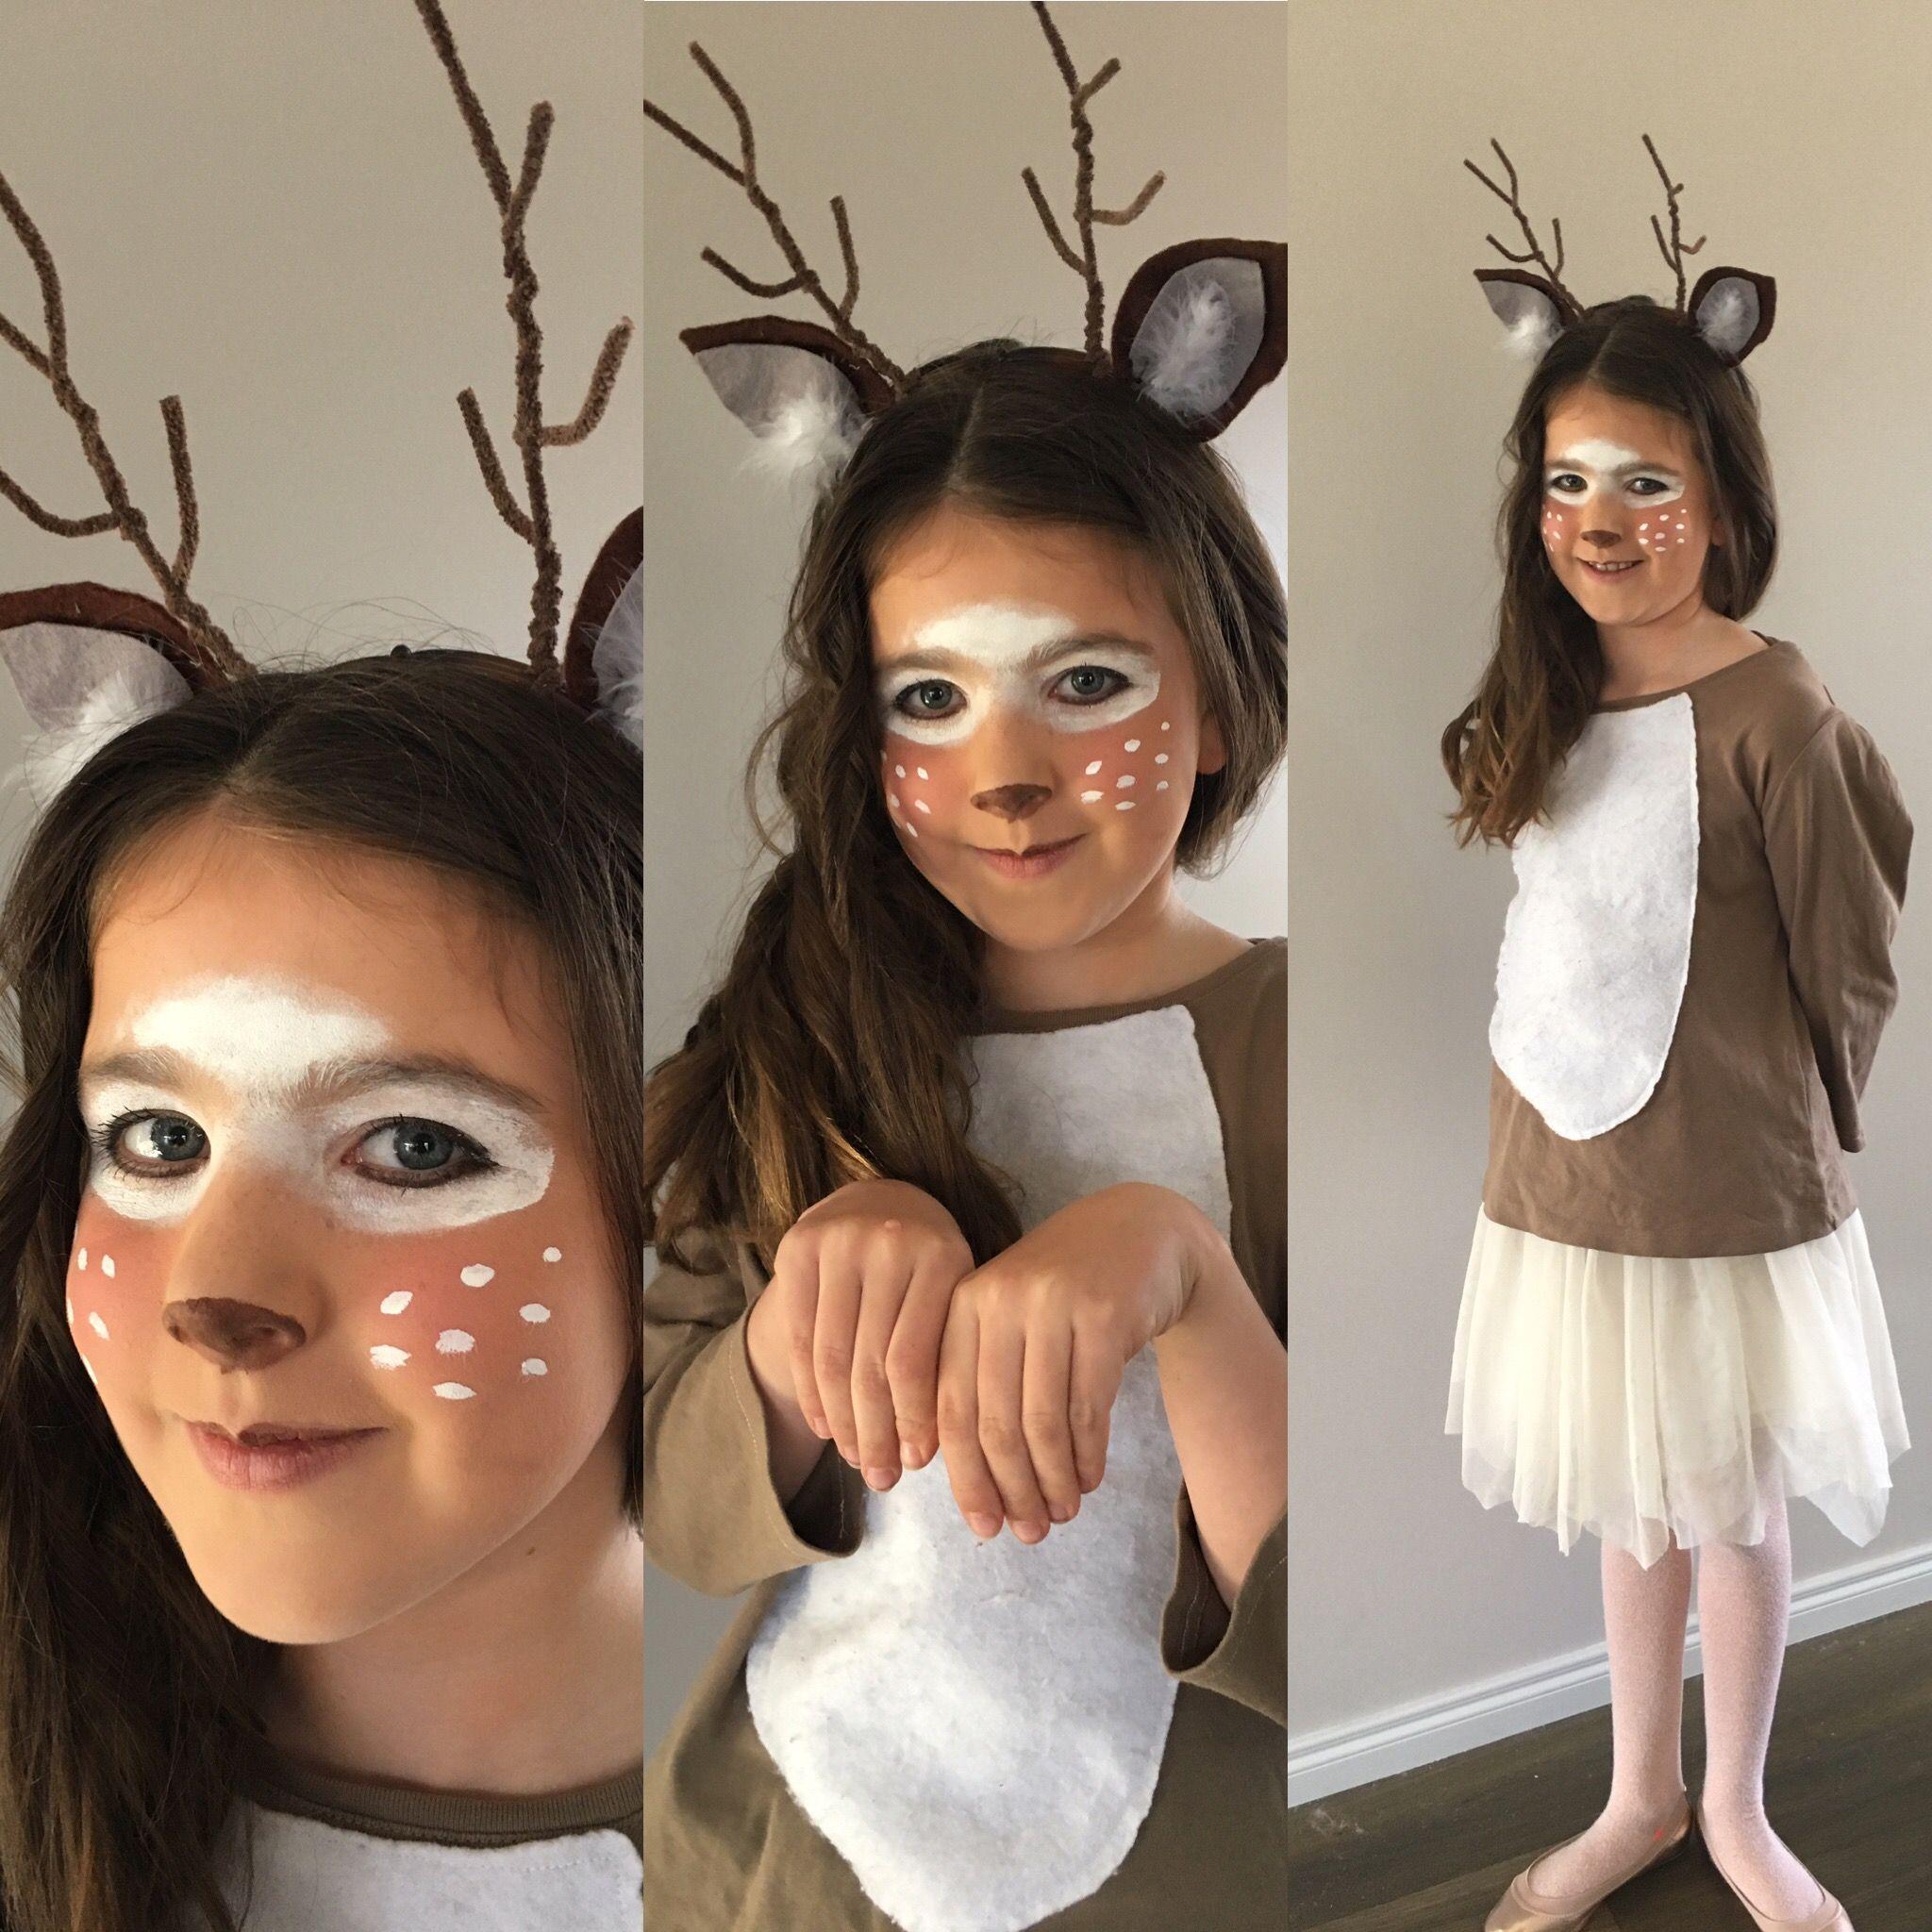 Deer costume for Halloween.